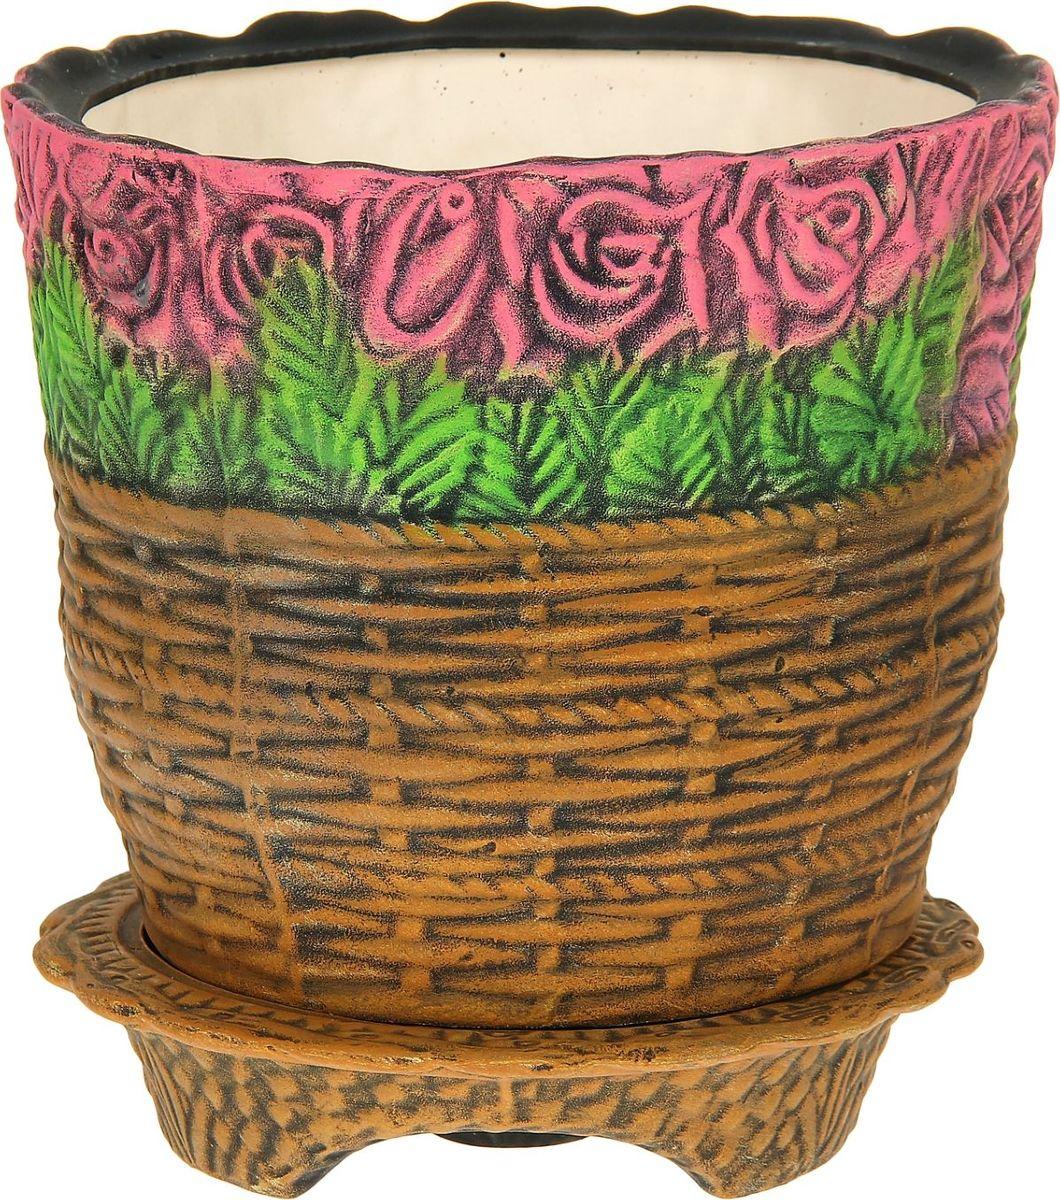 Кашпо Керамика ручной работы Розы в корзине, цвет: красный, 15 л1114306Комнатные растения — всеобщие любимцы. Они радуют глаз, насыщают помещение кислородом и украшают пространство. Каждому из них необходим свой удобный и красивый дом. Кашпо из керамики прекрасно подходят для высадки растений: за счёт пластичности глины и разных способов обработки существует великое множество форм и дизайновпористый материал позволяет испаряться лишней влагевоздух, необходимый для дыхания корней, проникает сквозь керамические стенки! #name# позаботится о зелёном питомце, освежит интерьер и подчеркнёт его стиль.